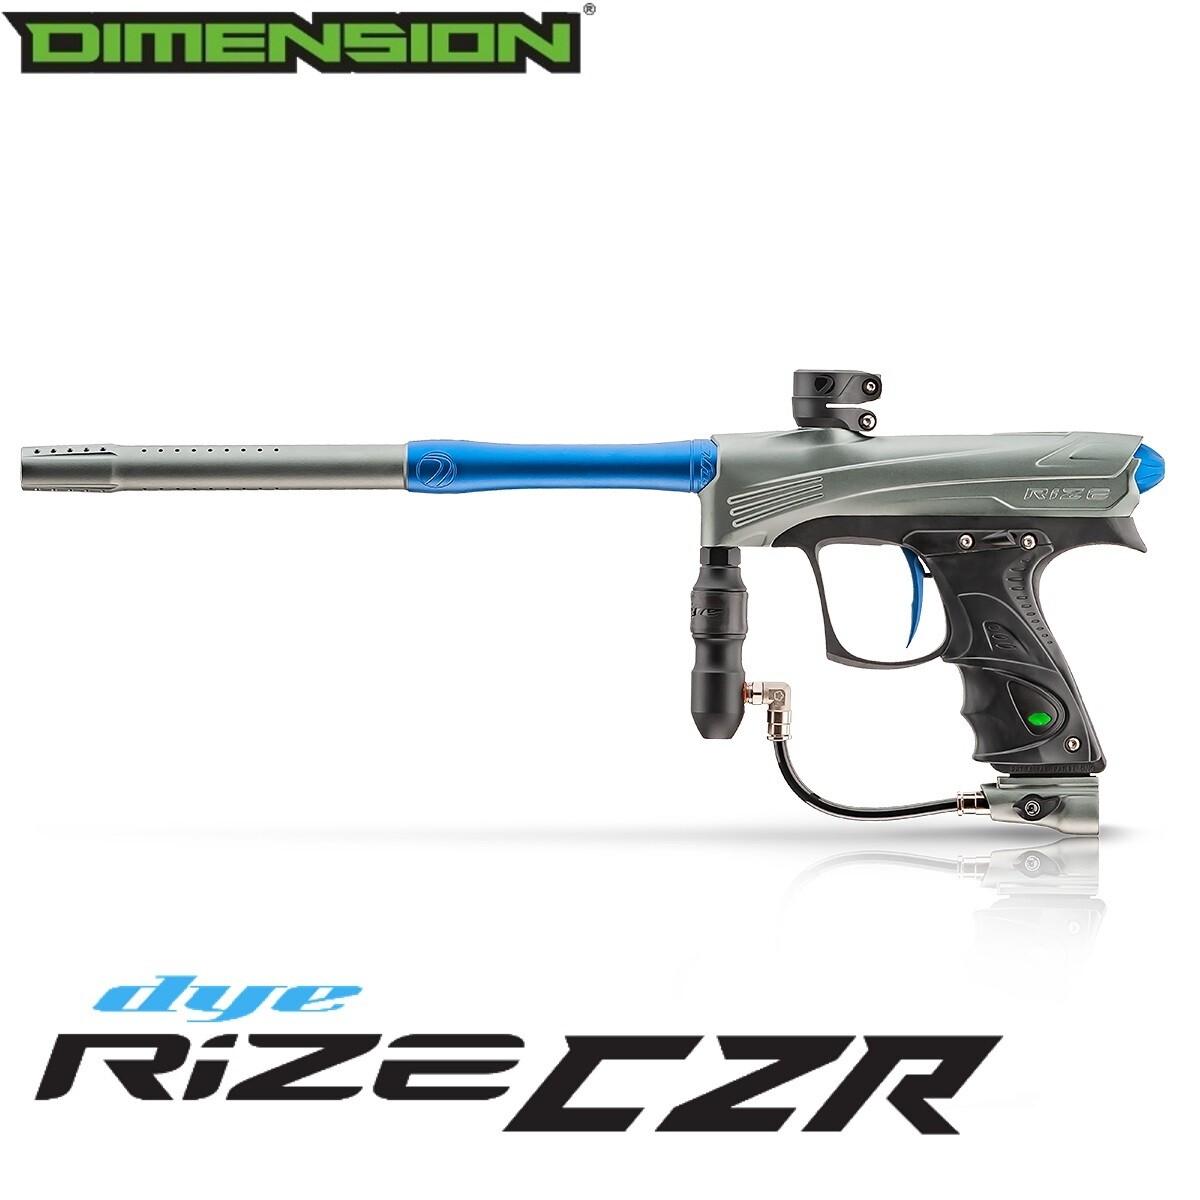 Dye Rize CZR Marker - Grey/Blue Dust